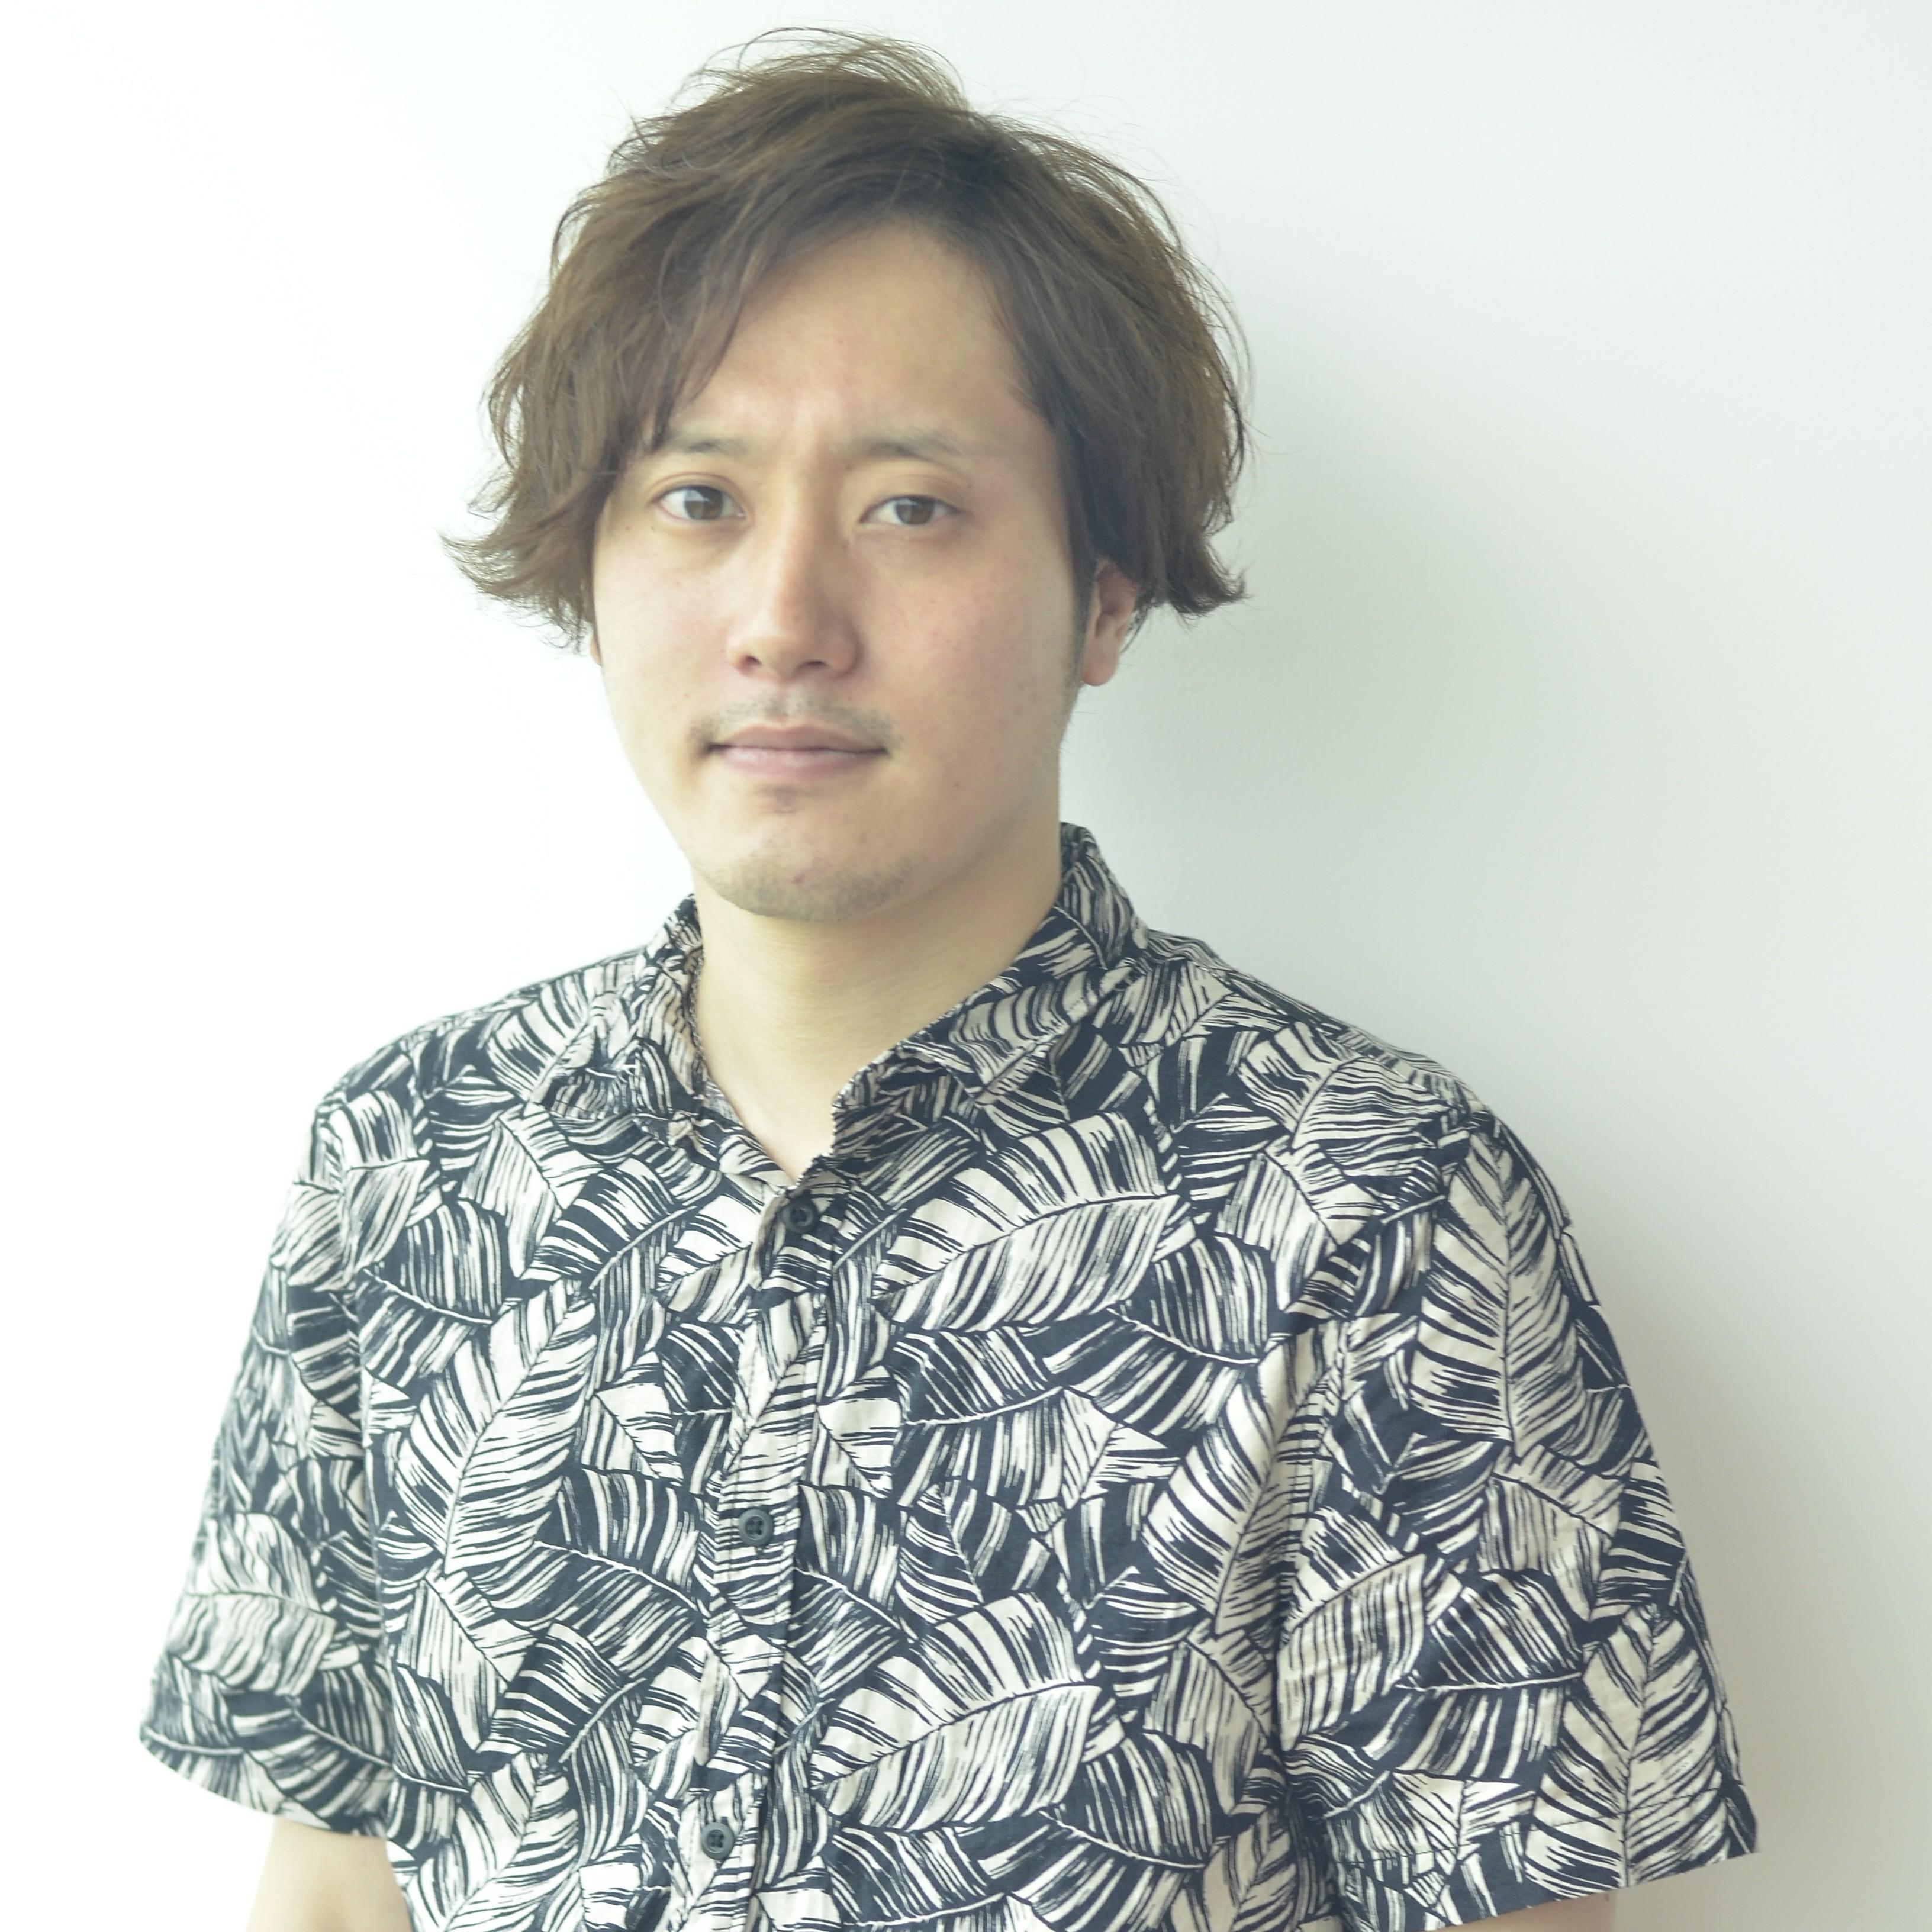 【dress】大杉匡史